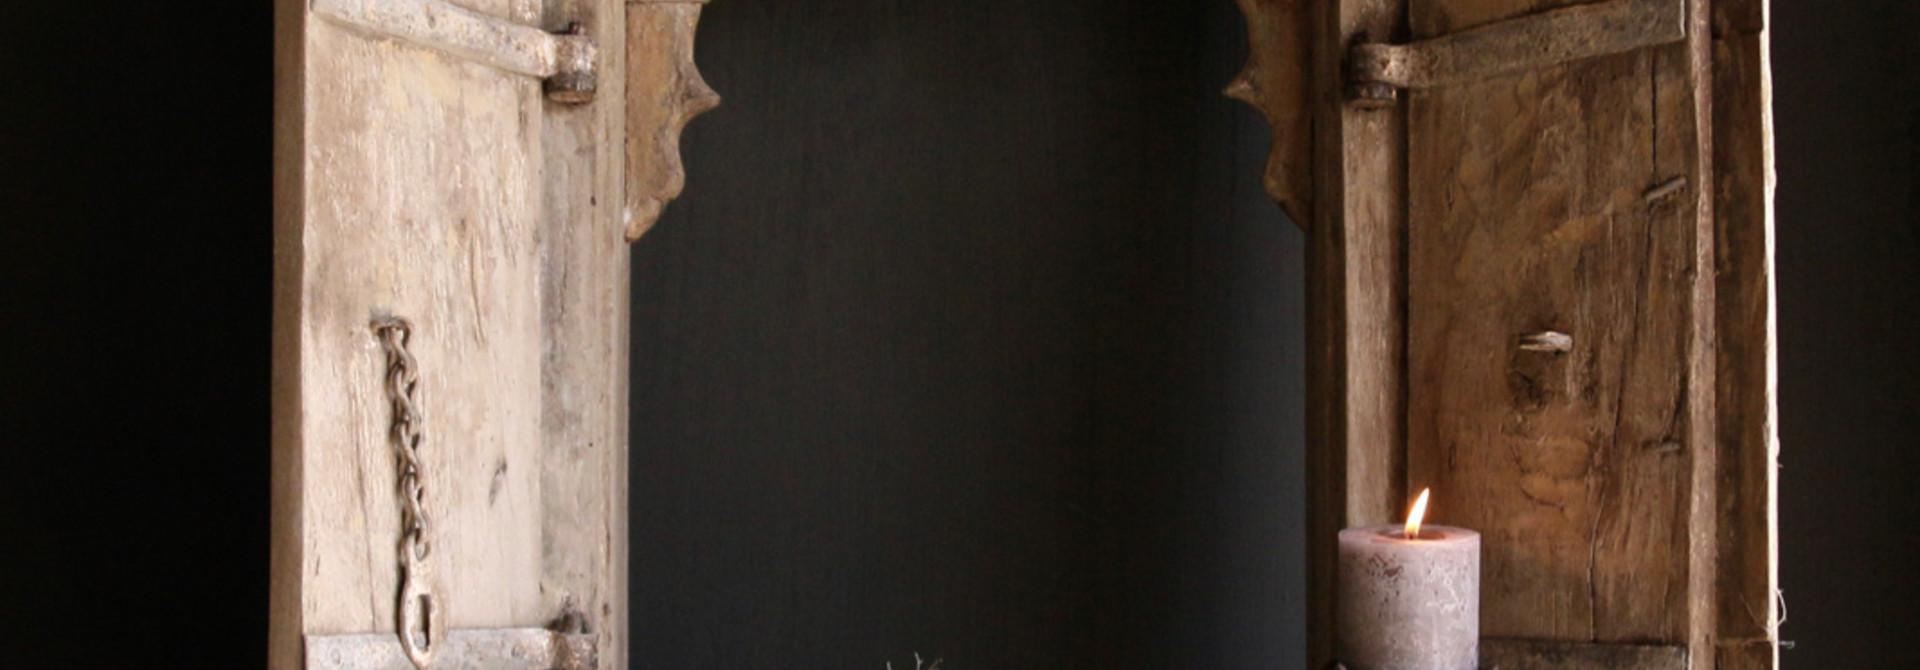 Stoer zwaar houten raamkozijn met twee luikjes